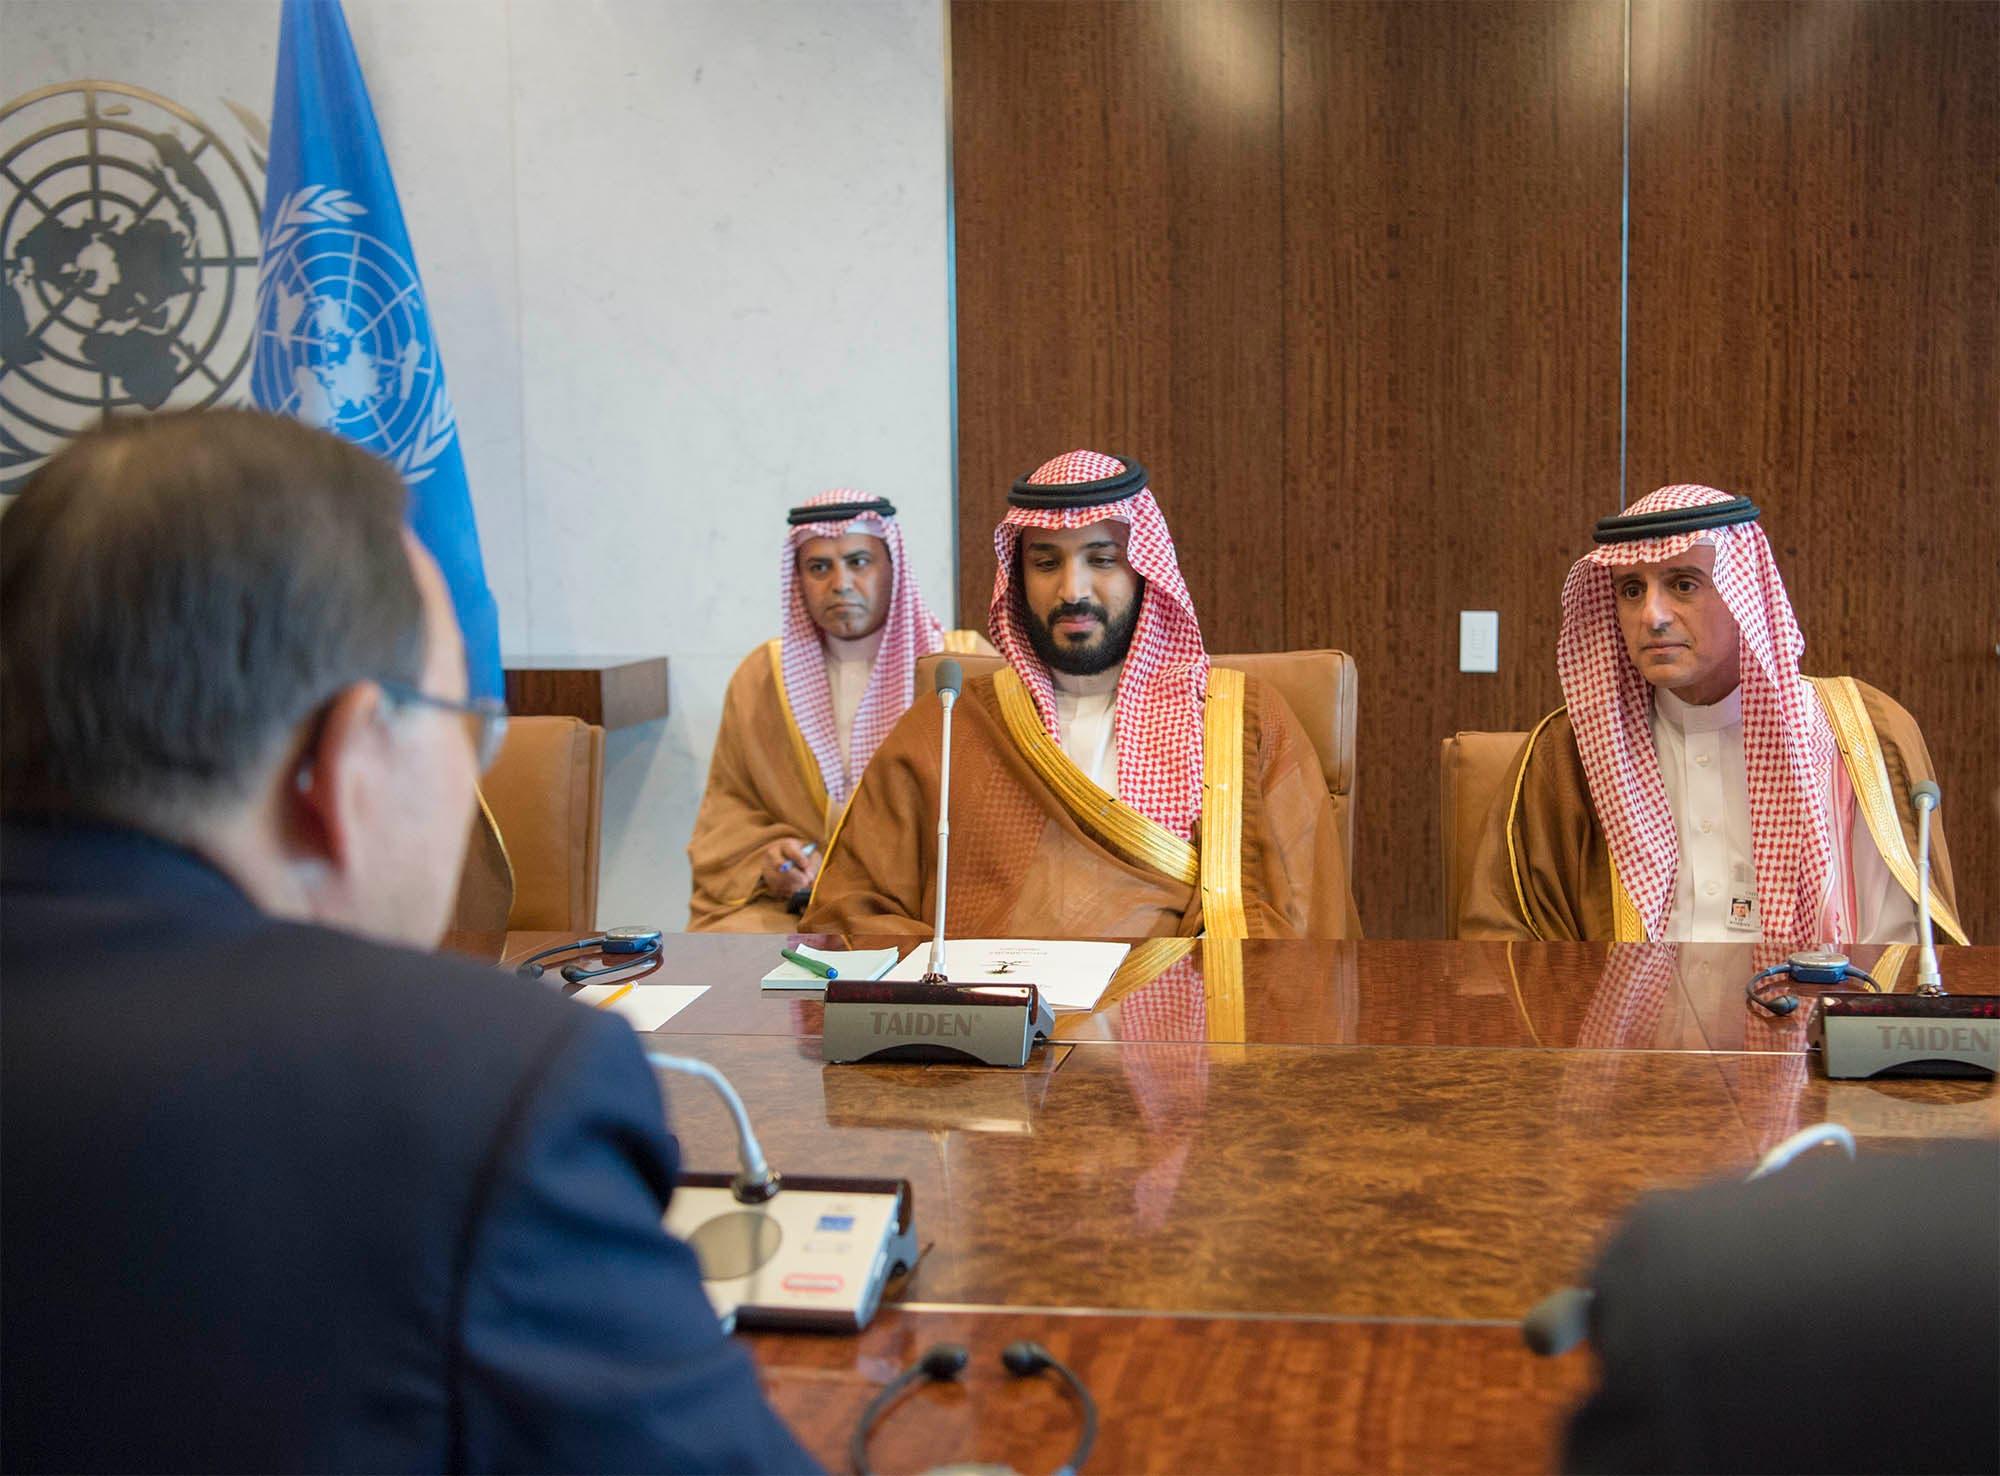 شاهزاده محمد بن سلمان به همراه بان کی مون دبیرکل پیشین سازمان ملل متحد